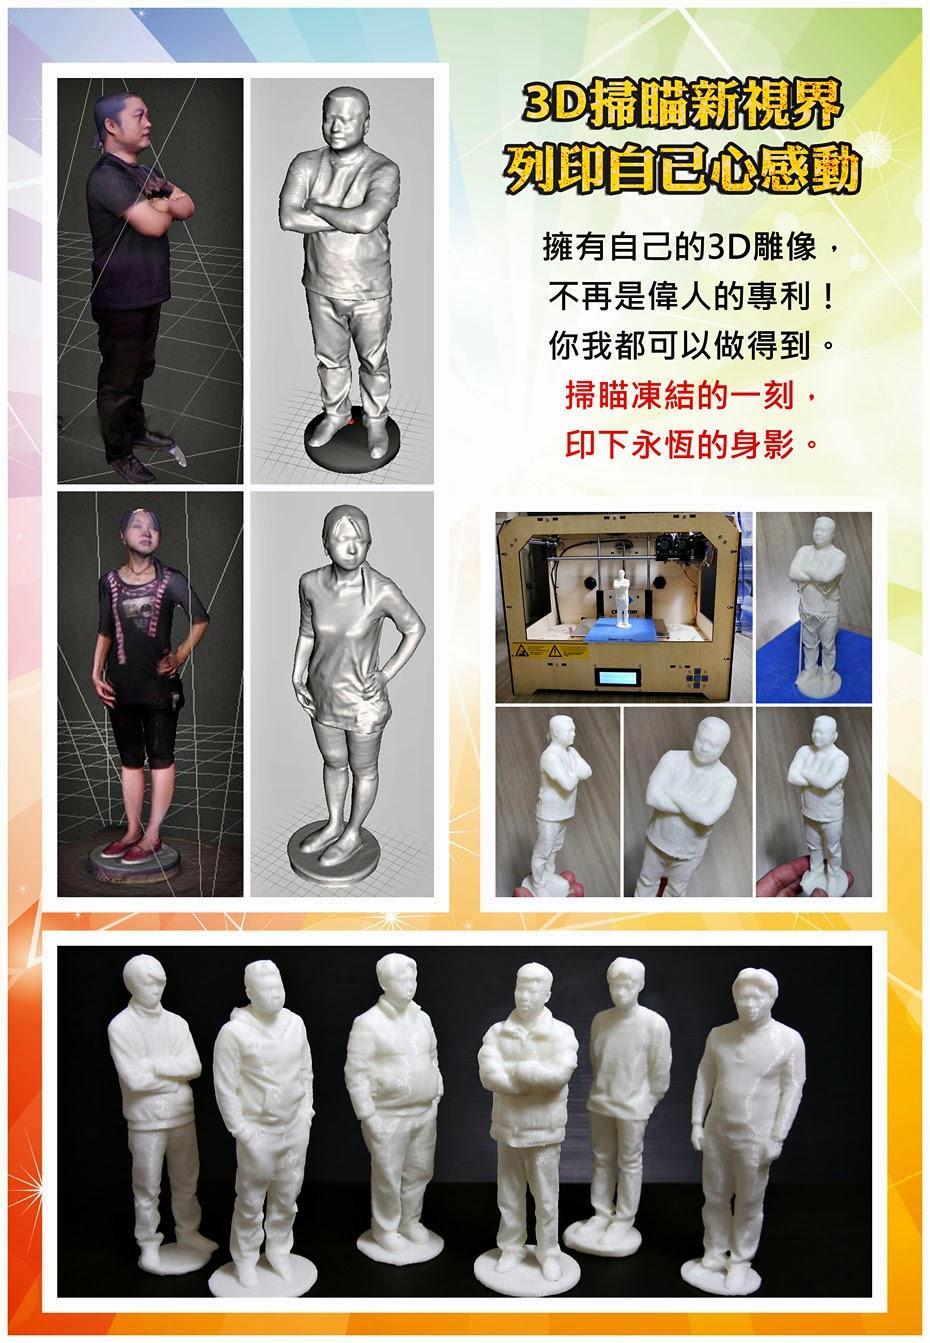 2014_3DScan&3DPrint2s.jpg